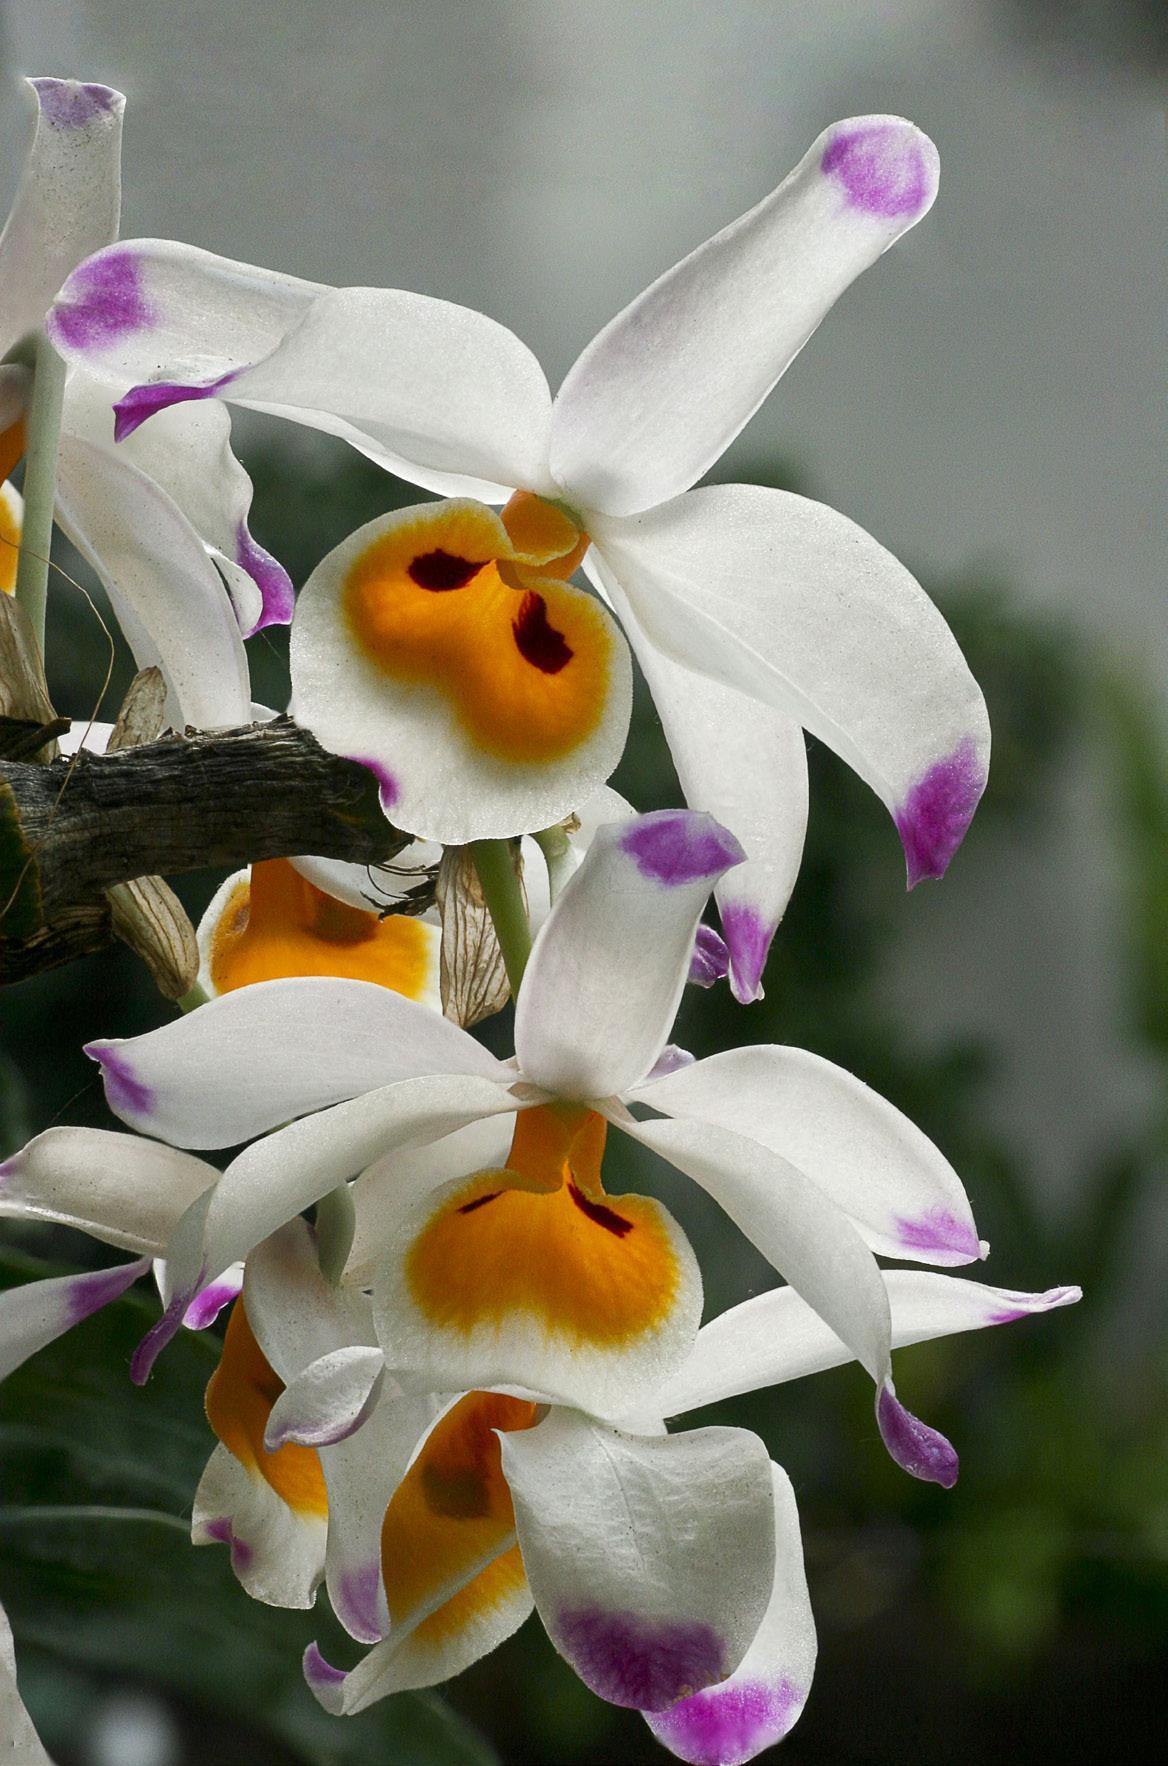 La floración en las orquídeas